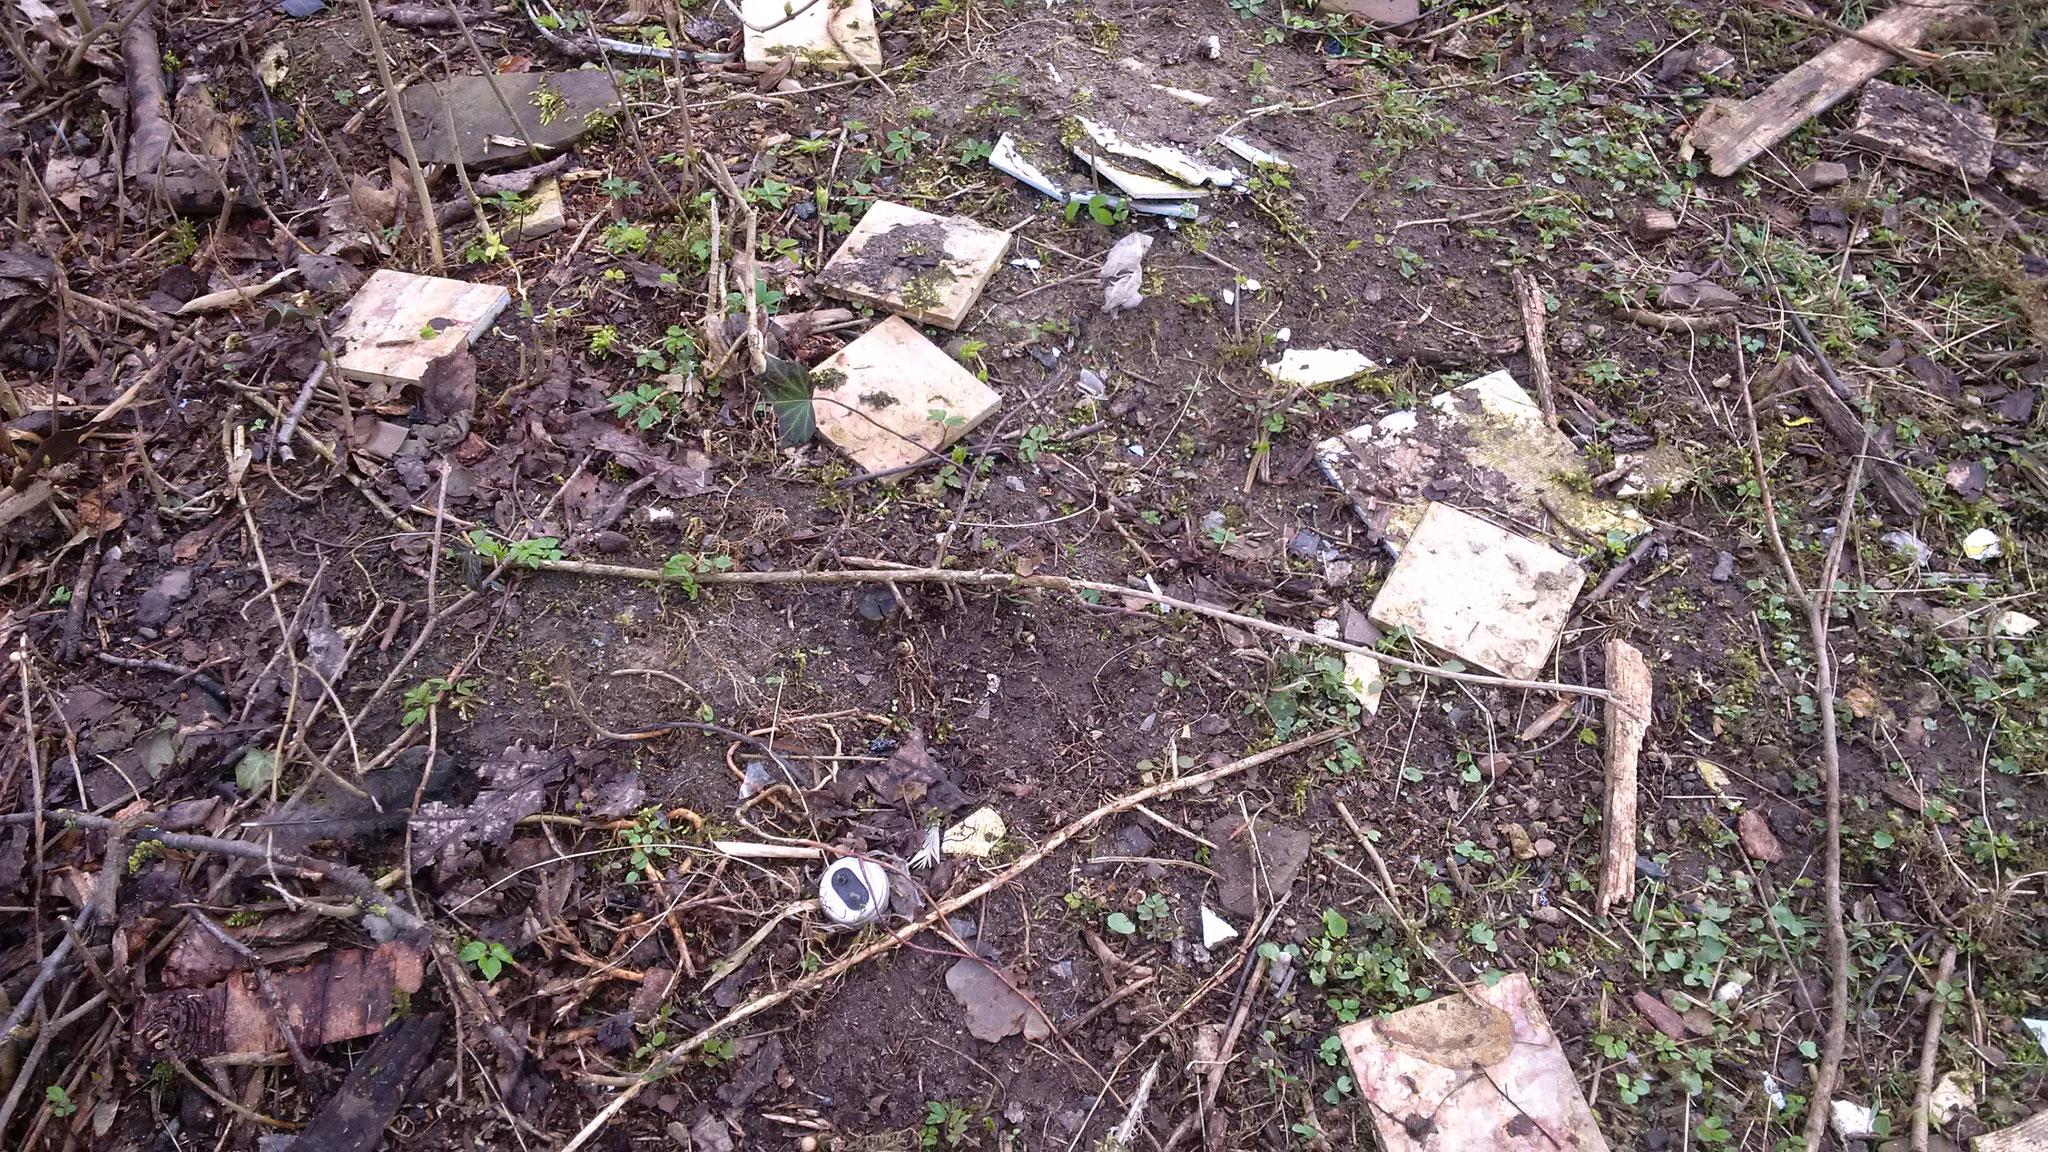 Auch außerhalb des Geheges Hinweise darauf, dass der Garten auch als Mülldeponie herhielt.